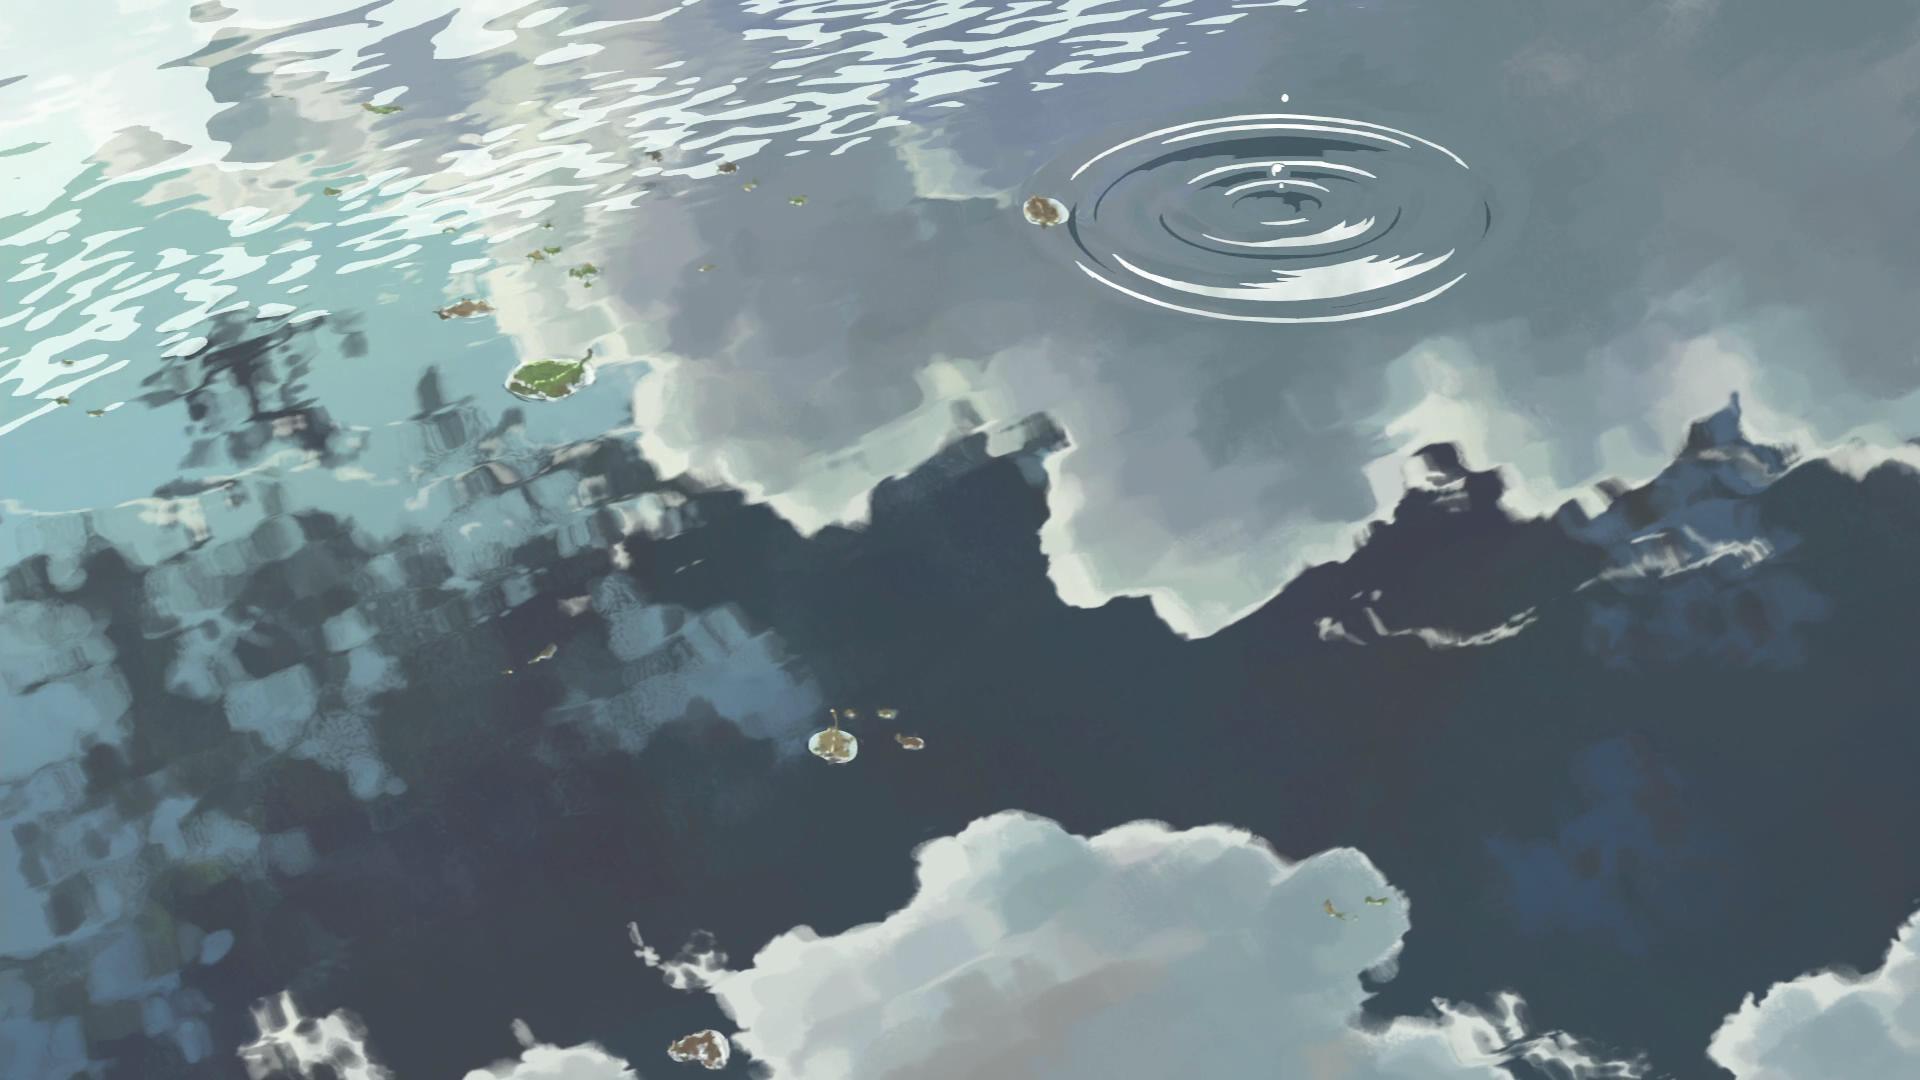 言叶之庭电脑壁纸_二次元美图·言叶之庭(电脑壁纸)第二期 - AcFun弹幕视频网 ...